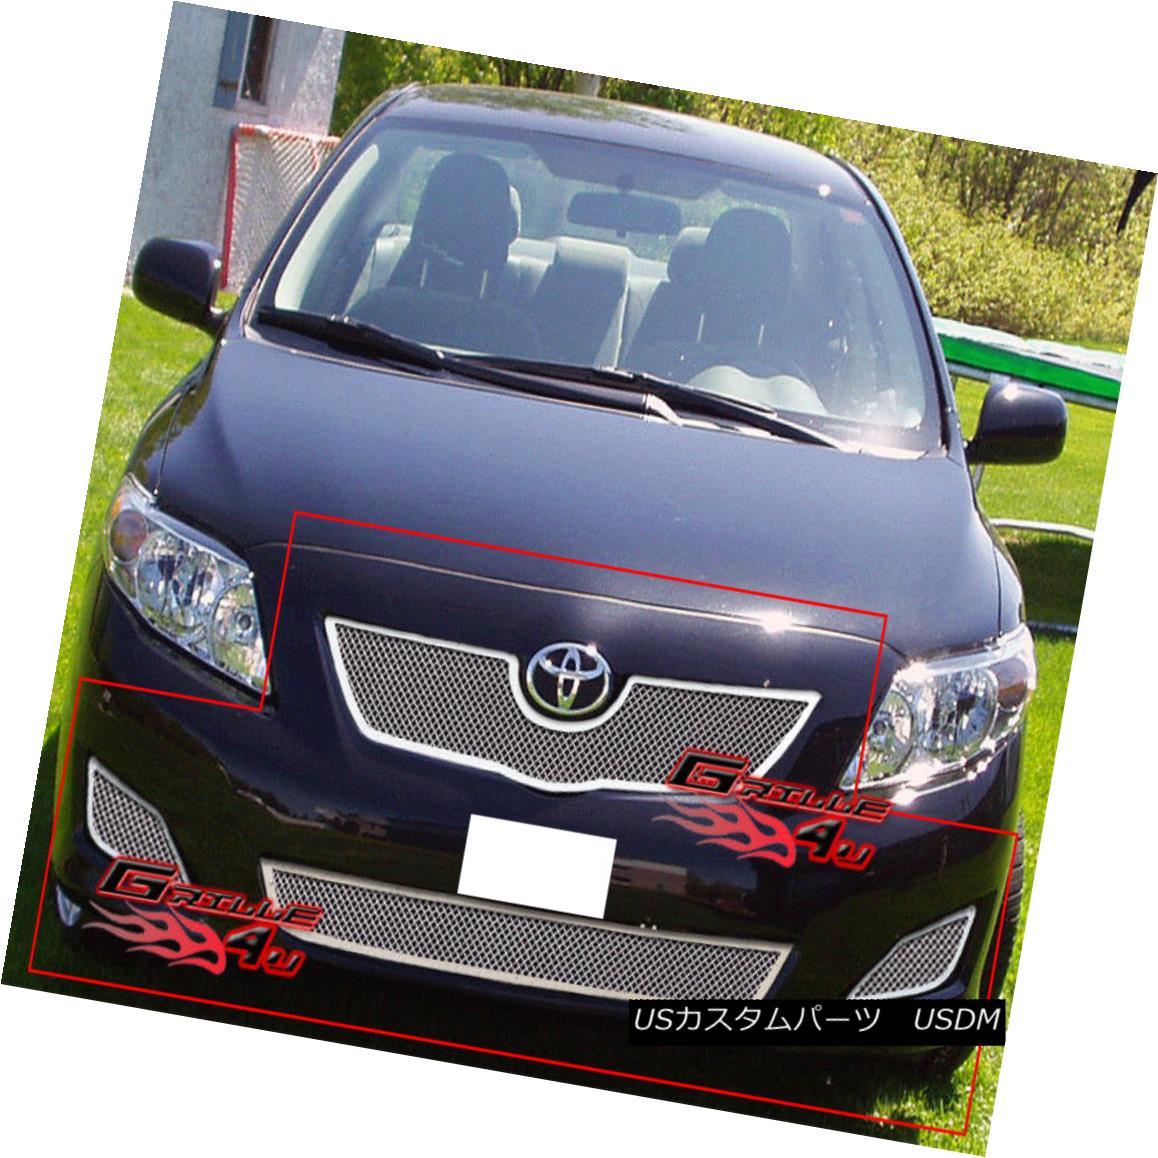 グリル Fits 09-10 Toyota Corolla Stainless Steel Mesh Grille Insert フィット09-10トヨタカローラステンレスメッシュグリルインサート